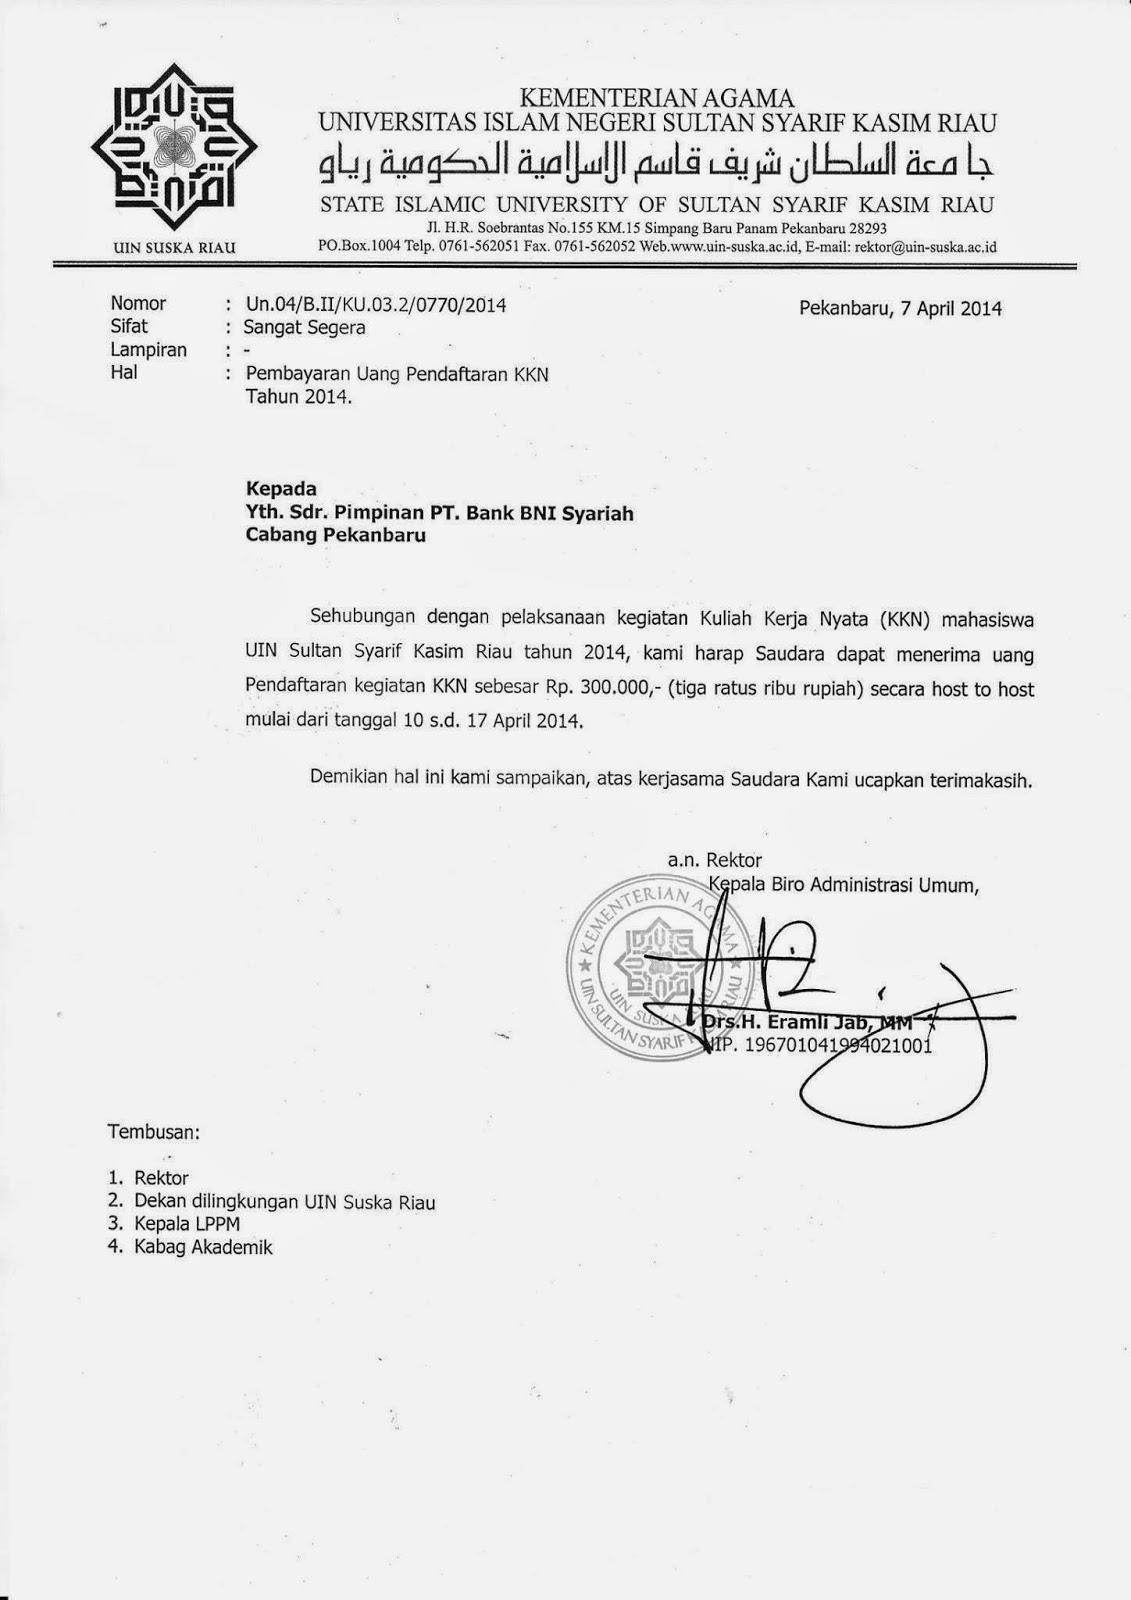 Contoh Surat Pemberitahuan Kegiatan Rt Info And News